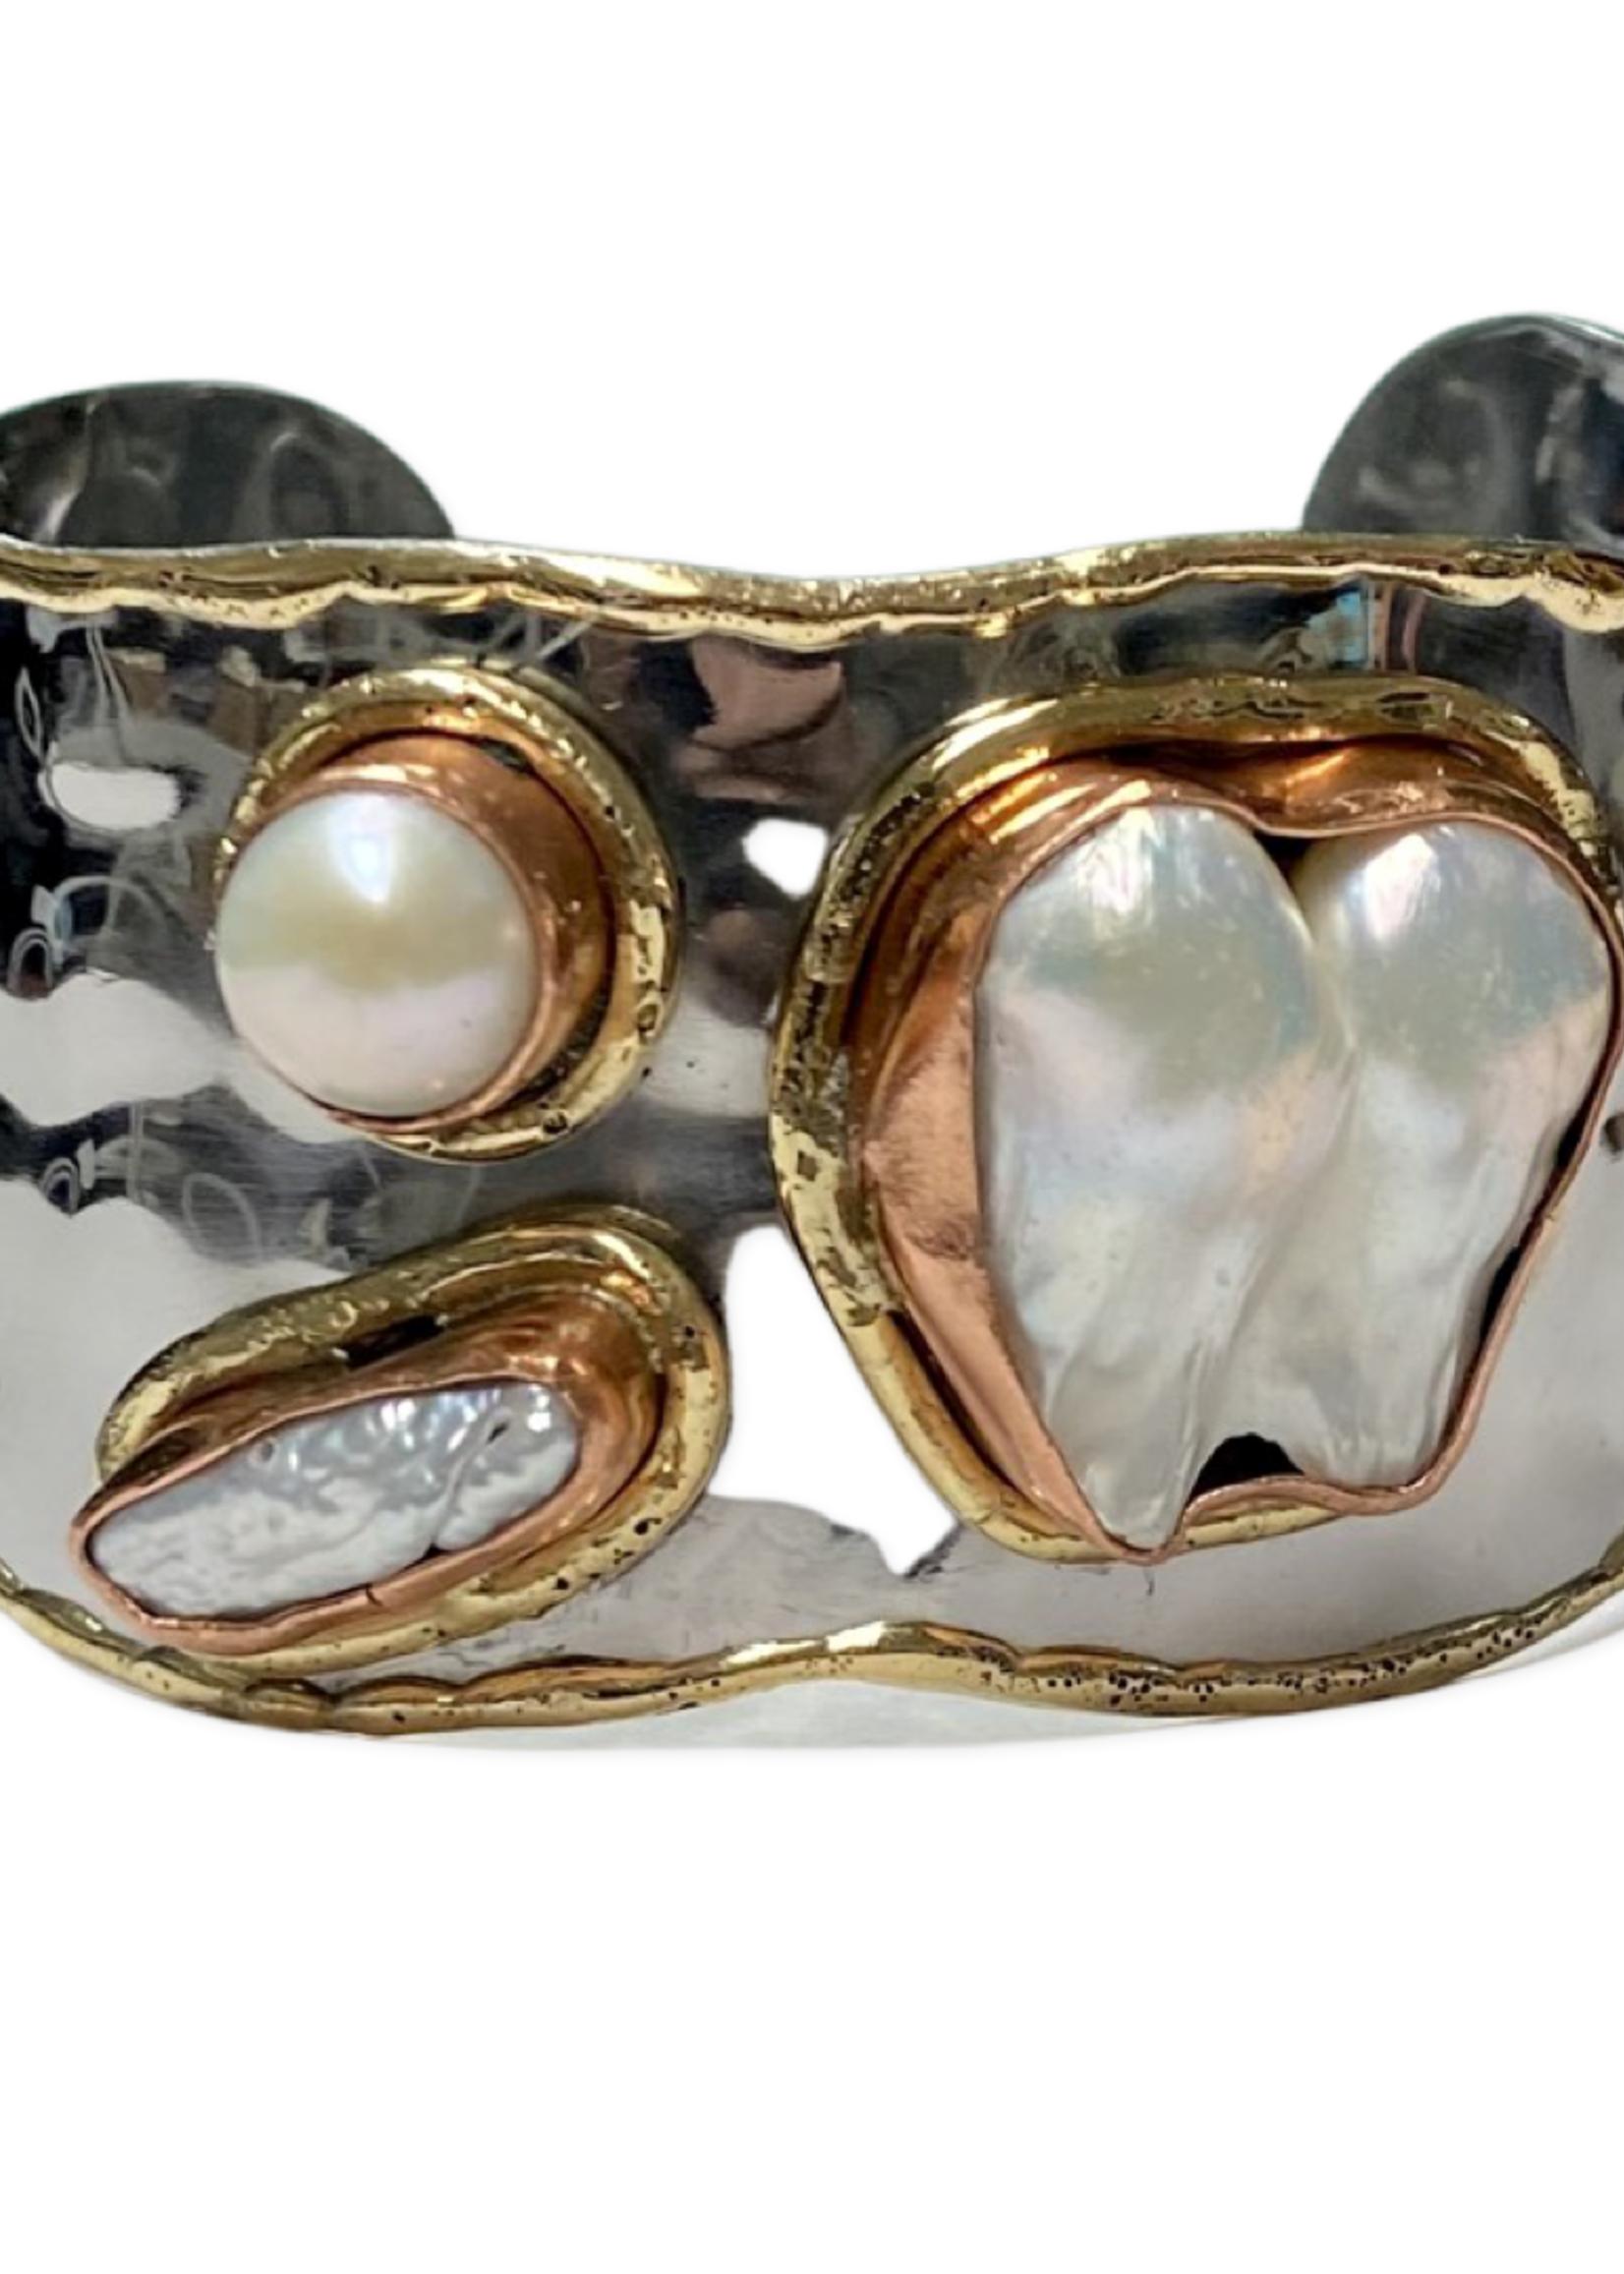 David Jeffery Steel Brass Copper Cuff Silver w/ Pearls